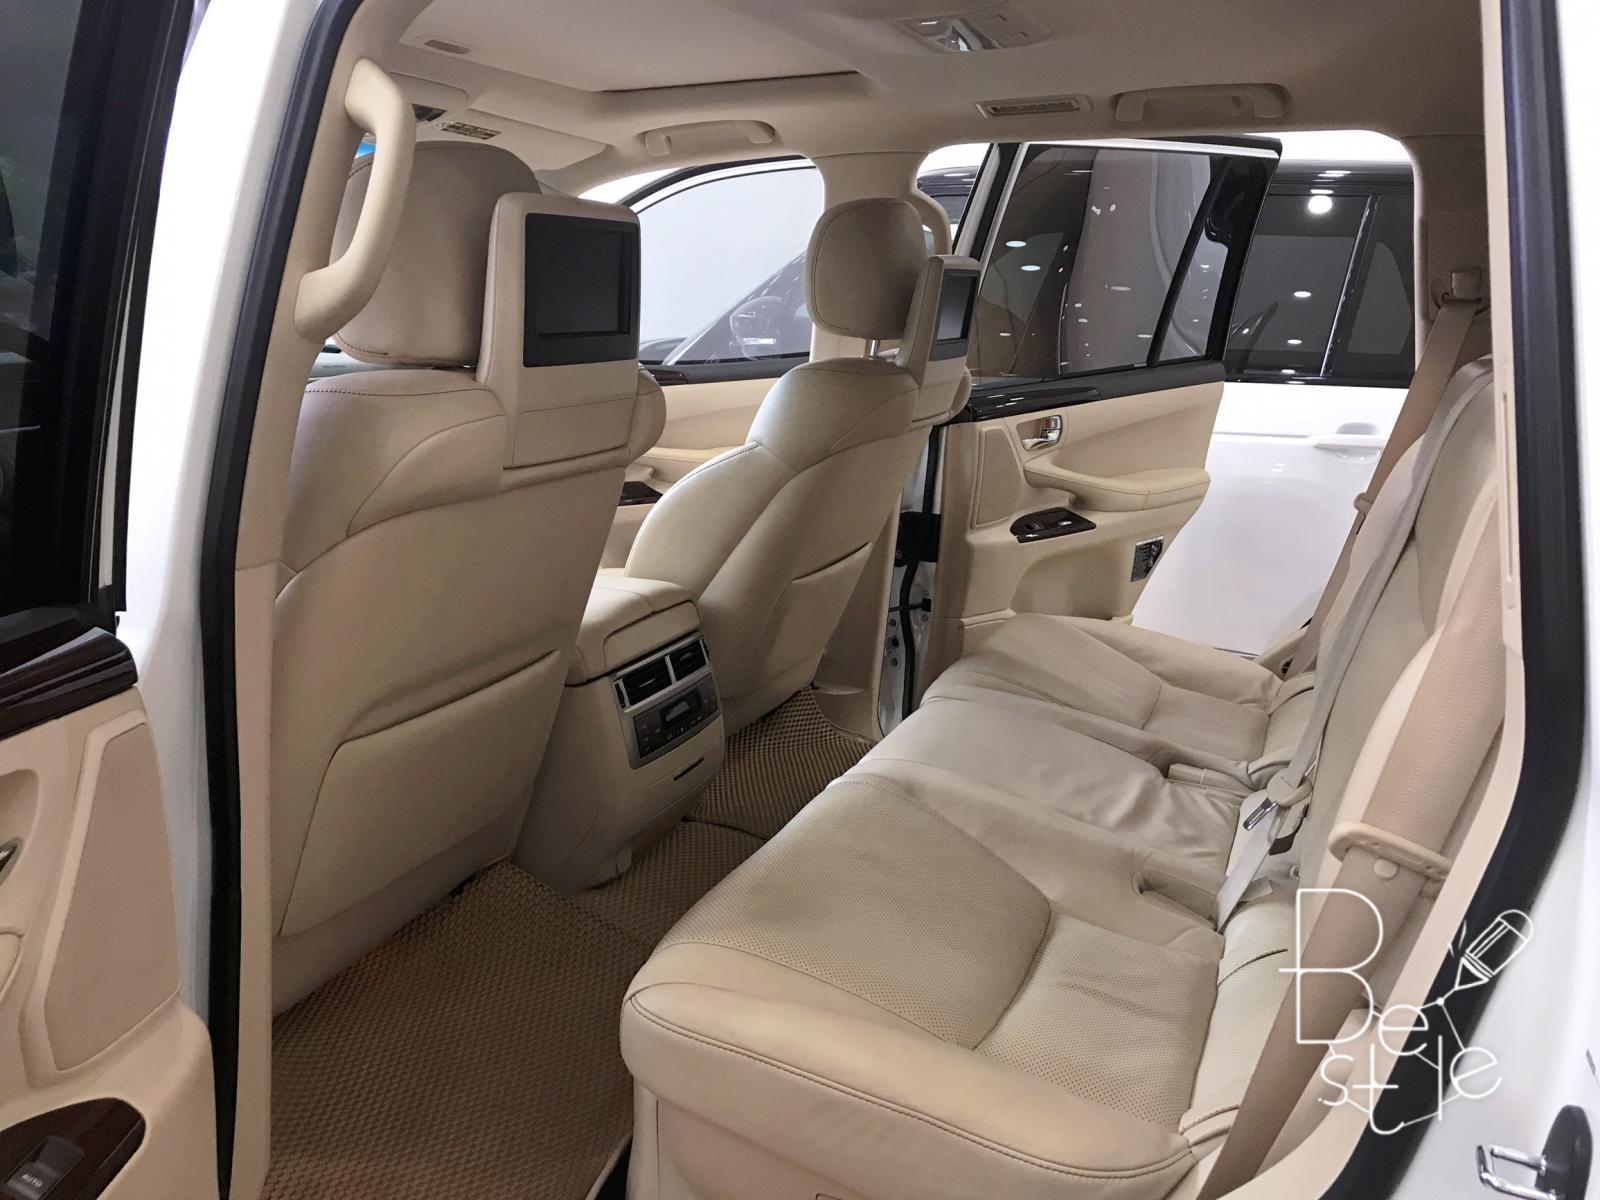 Bán ô tô Lexus LX 570 năm 2014, màu trắng, nhập khẩu chính hãng, chính chủ